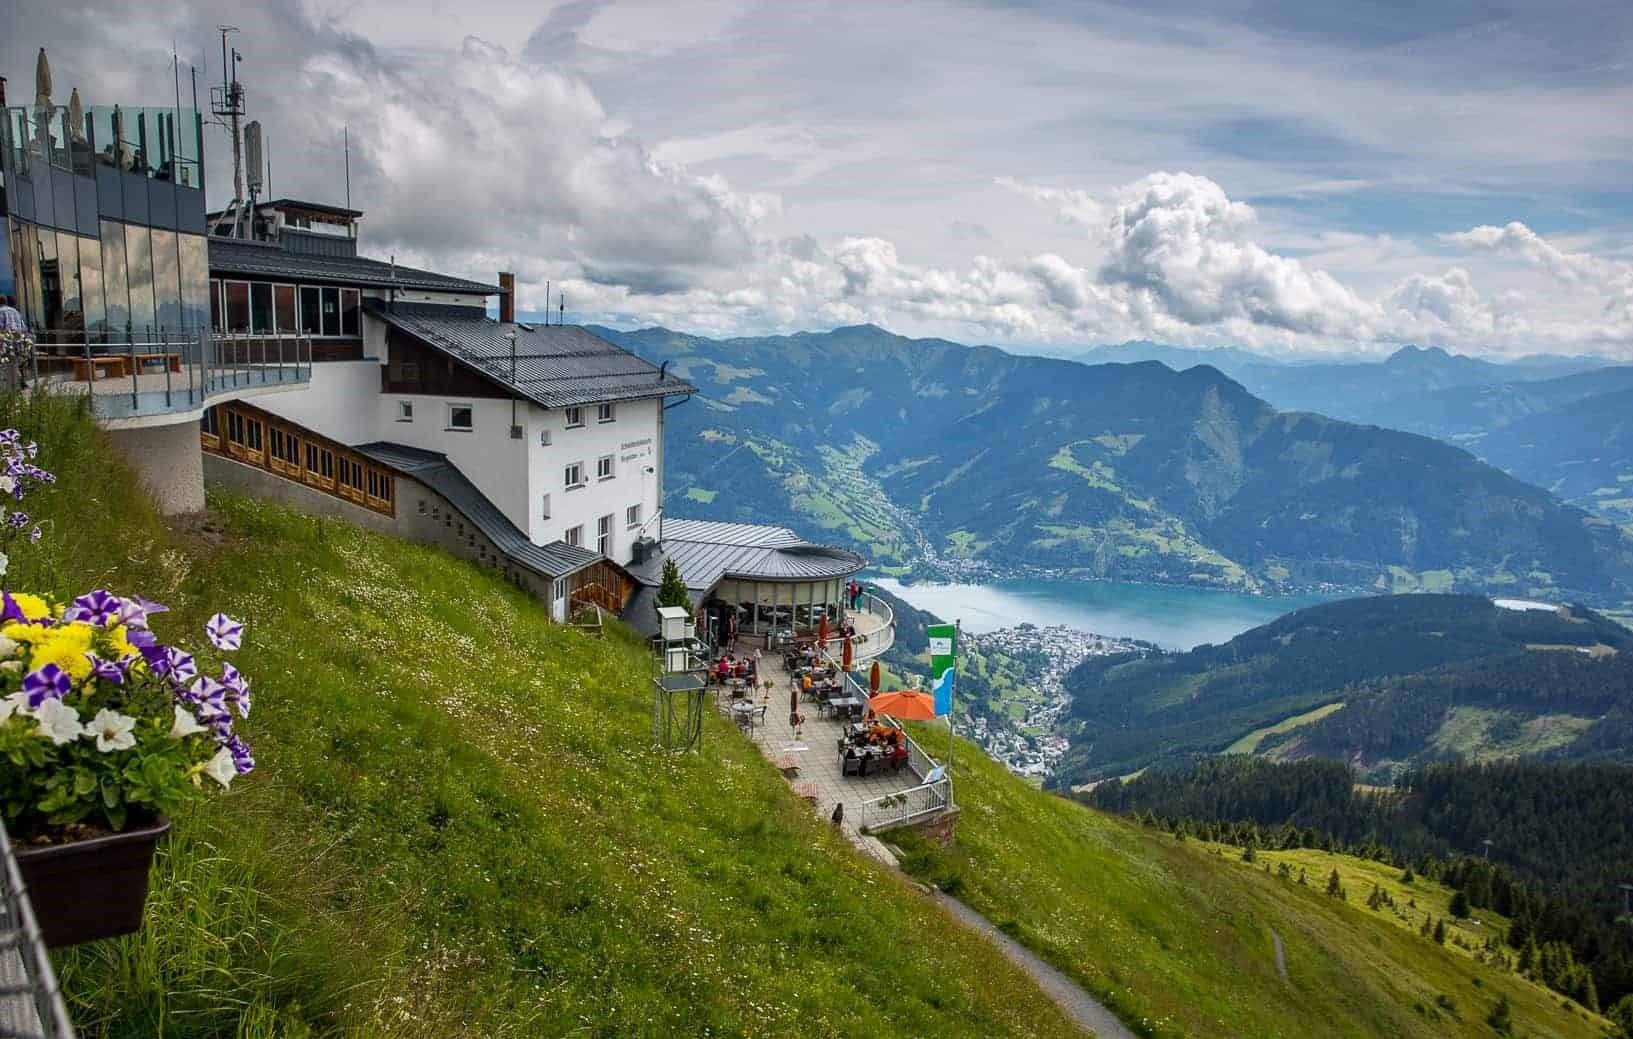 النمسا زيلامسي اهم الاماكن السياحية قمة جبل شميتن هوه